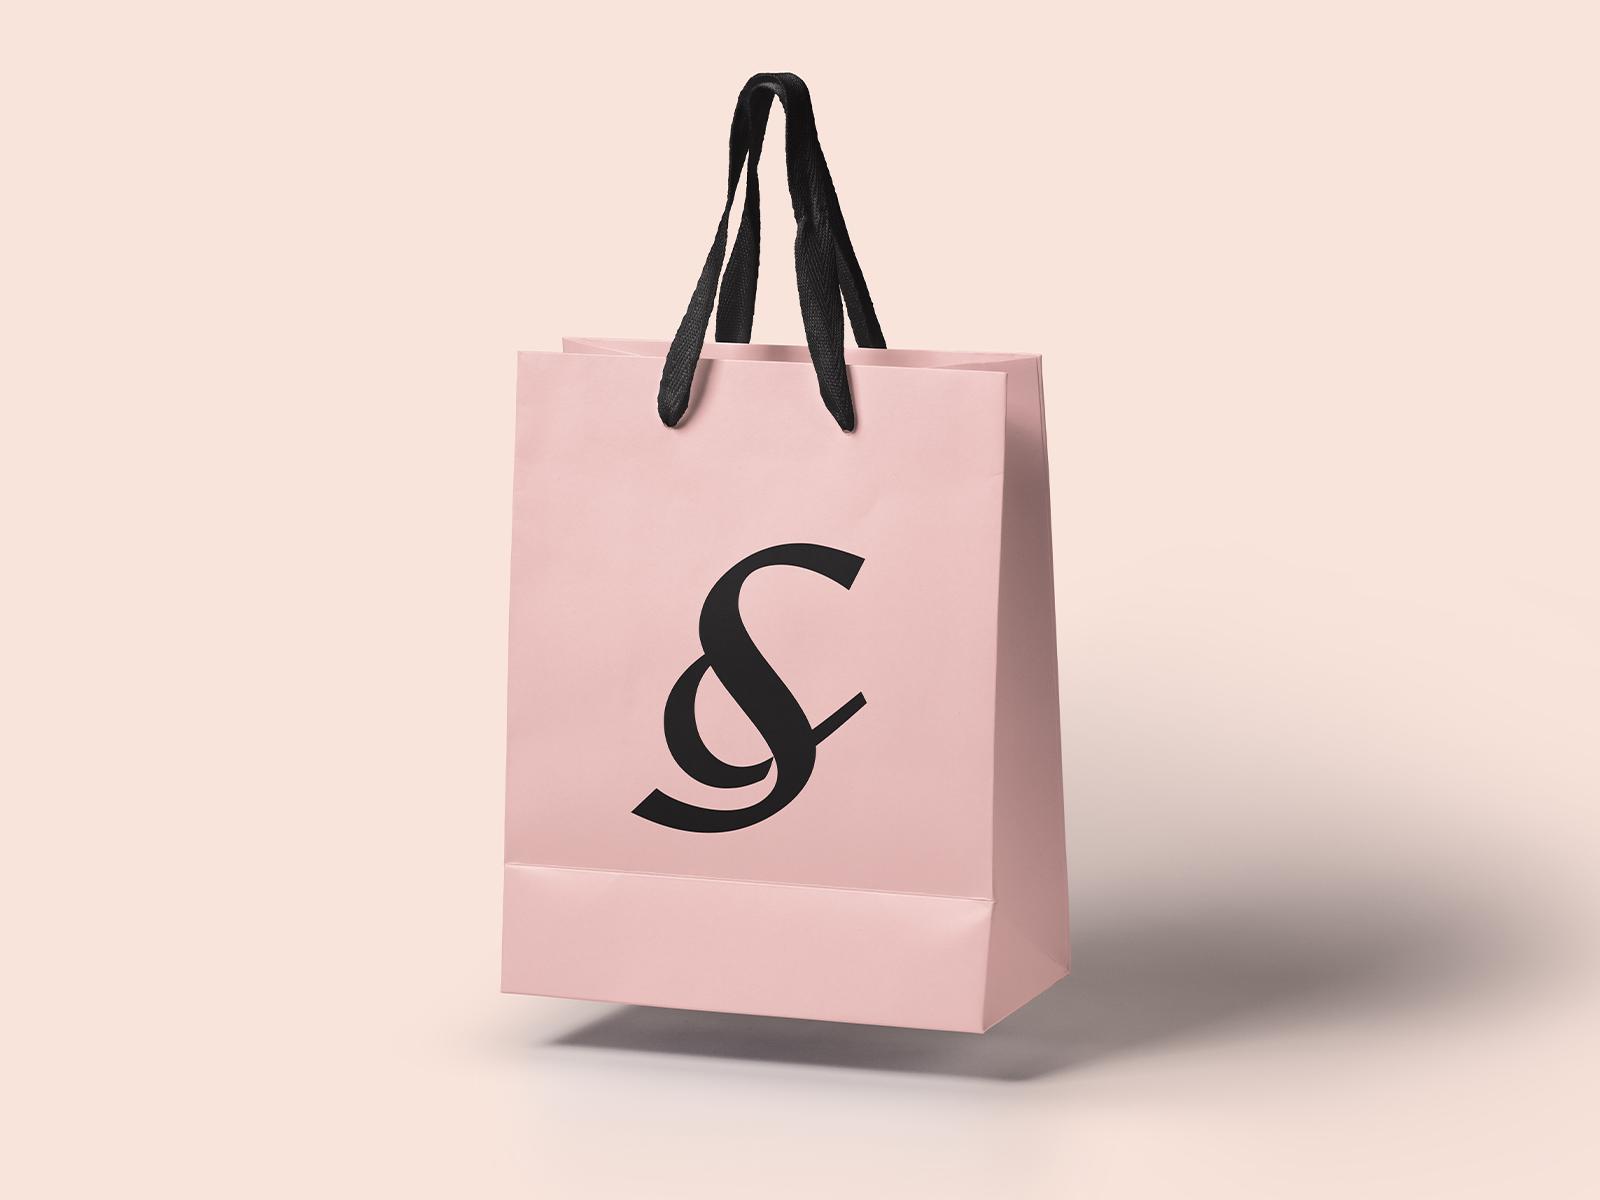 S ampersand shopping bag dribbble